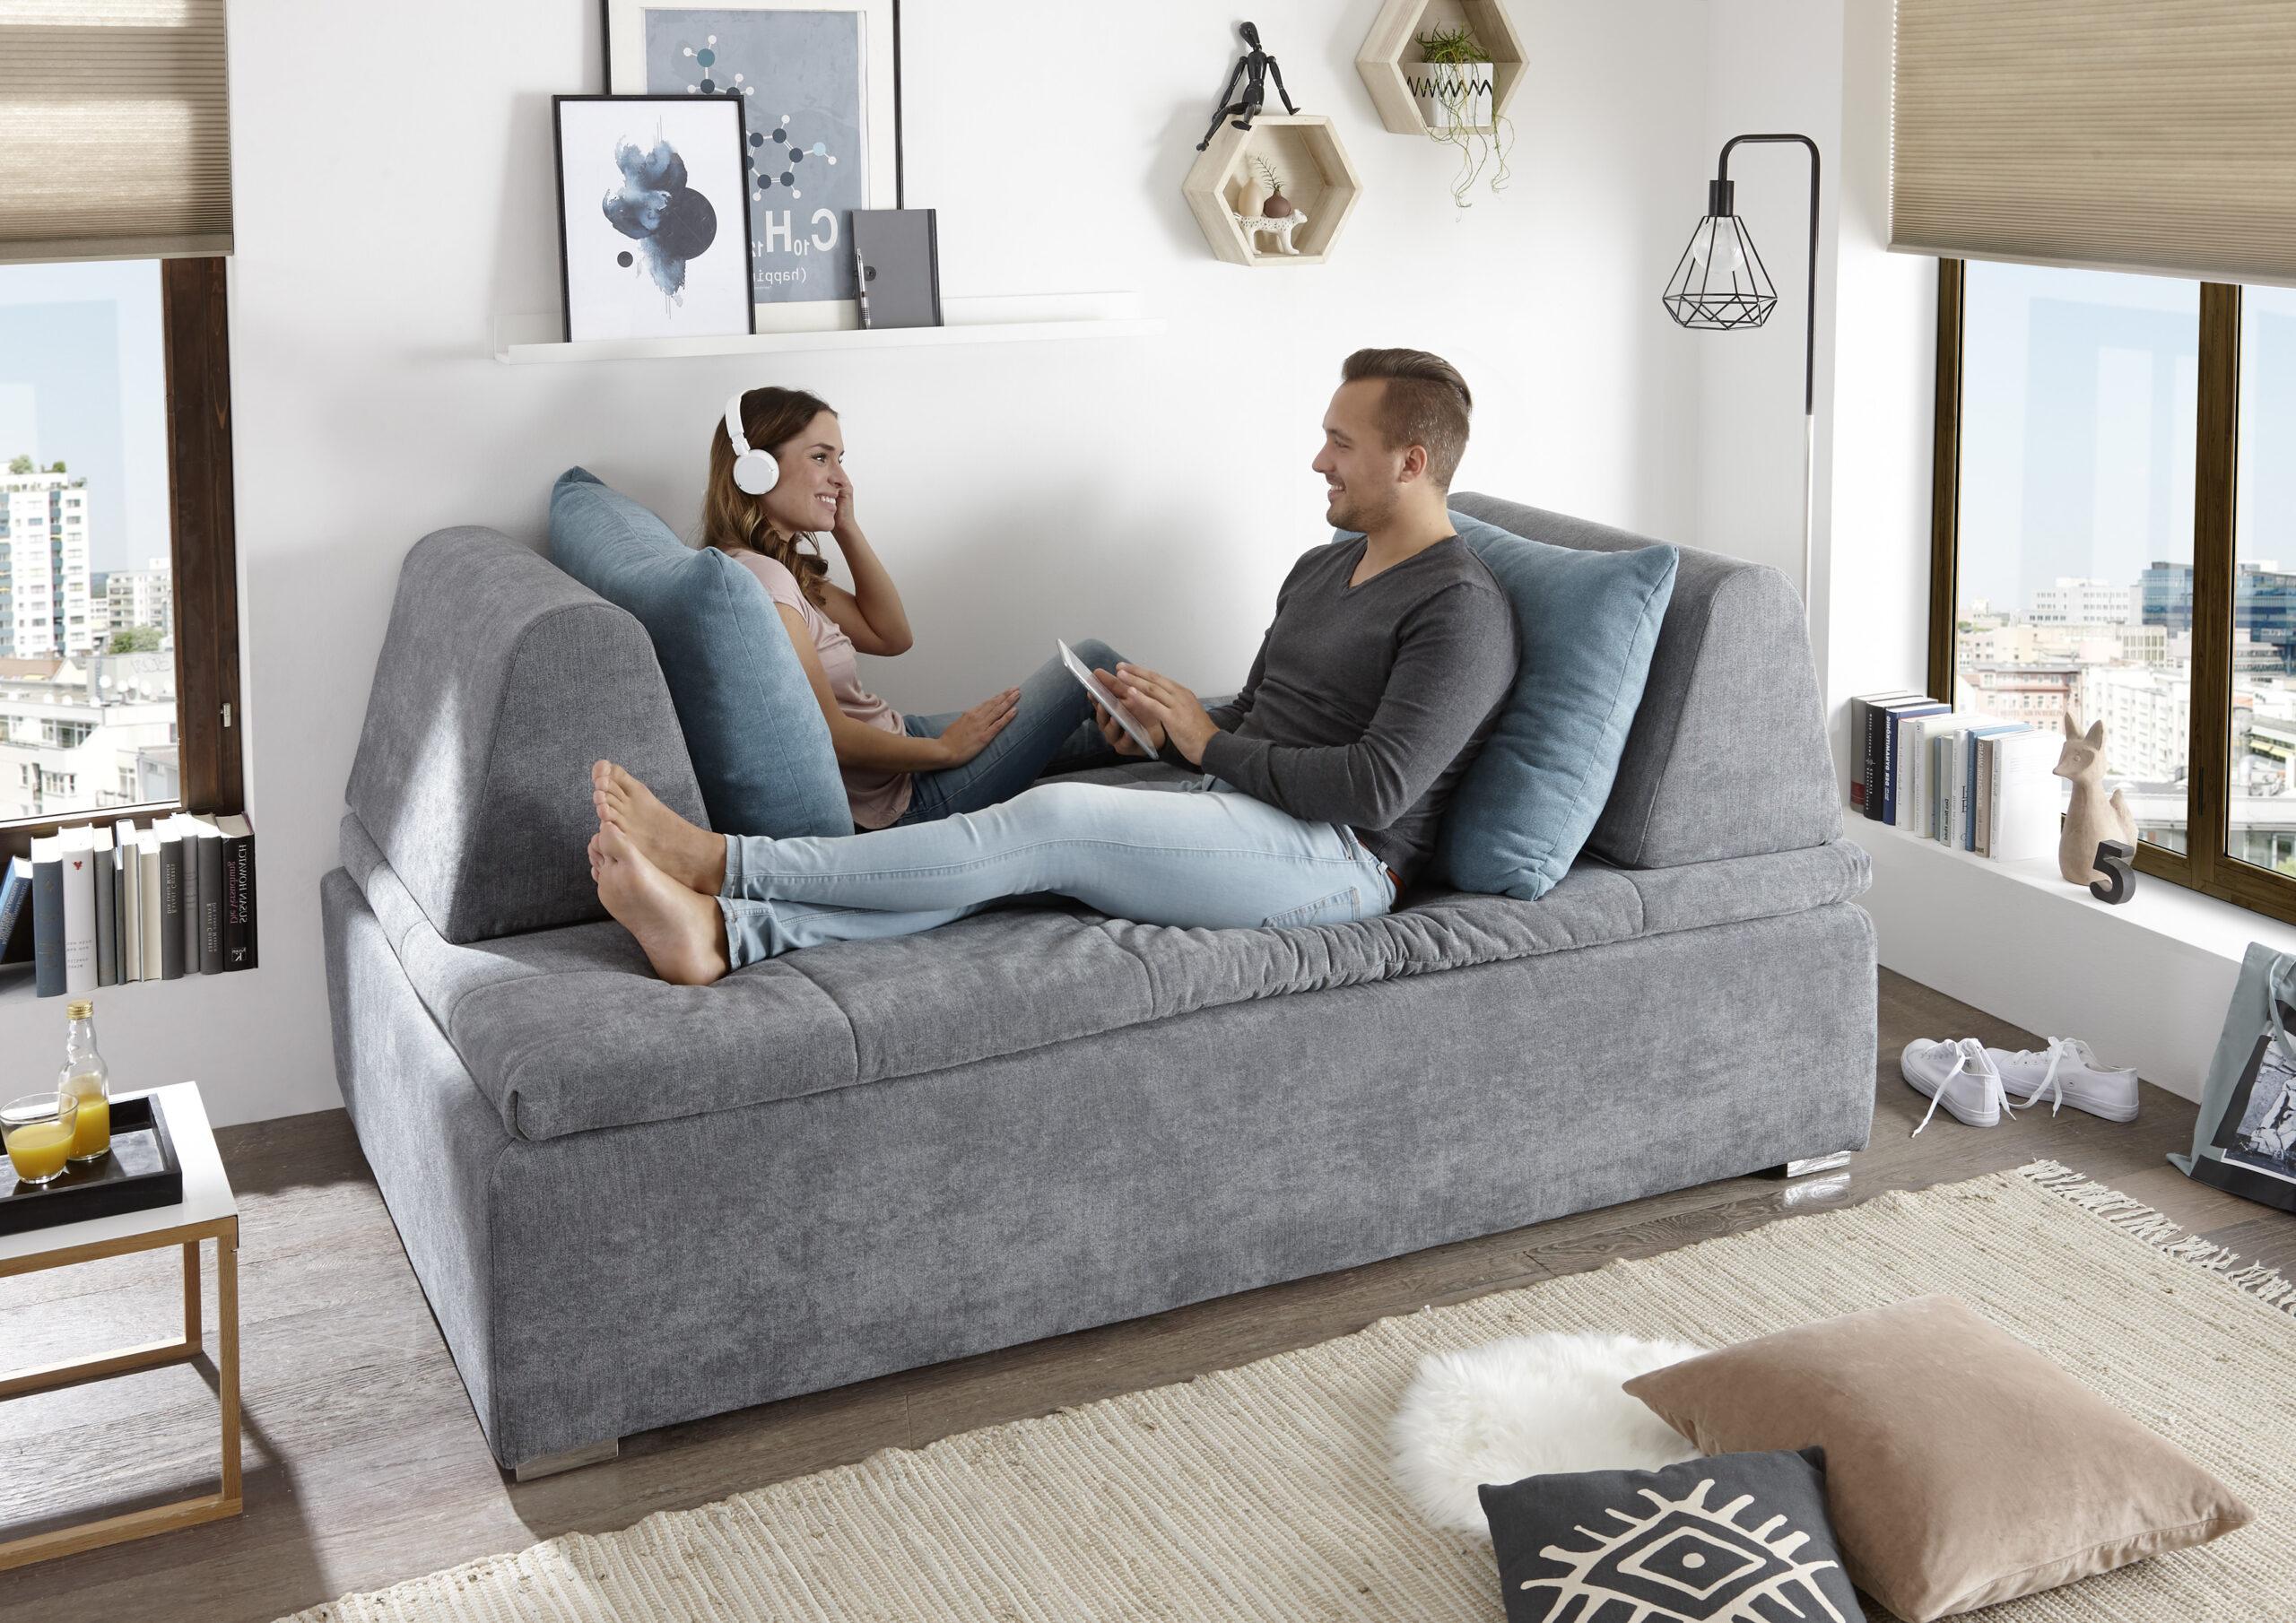 Full Size of Couch Sofa Zweisitzer Boxspring Bettsofa Schlafsofa Viscotopper Aus Matratzen Halbrundes Mit Boxen Federkern Leinen Auf Raten Big Hocker Online Kaufen Benz Sofa Boxspring Sofa